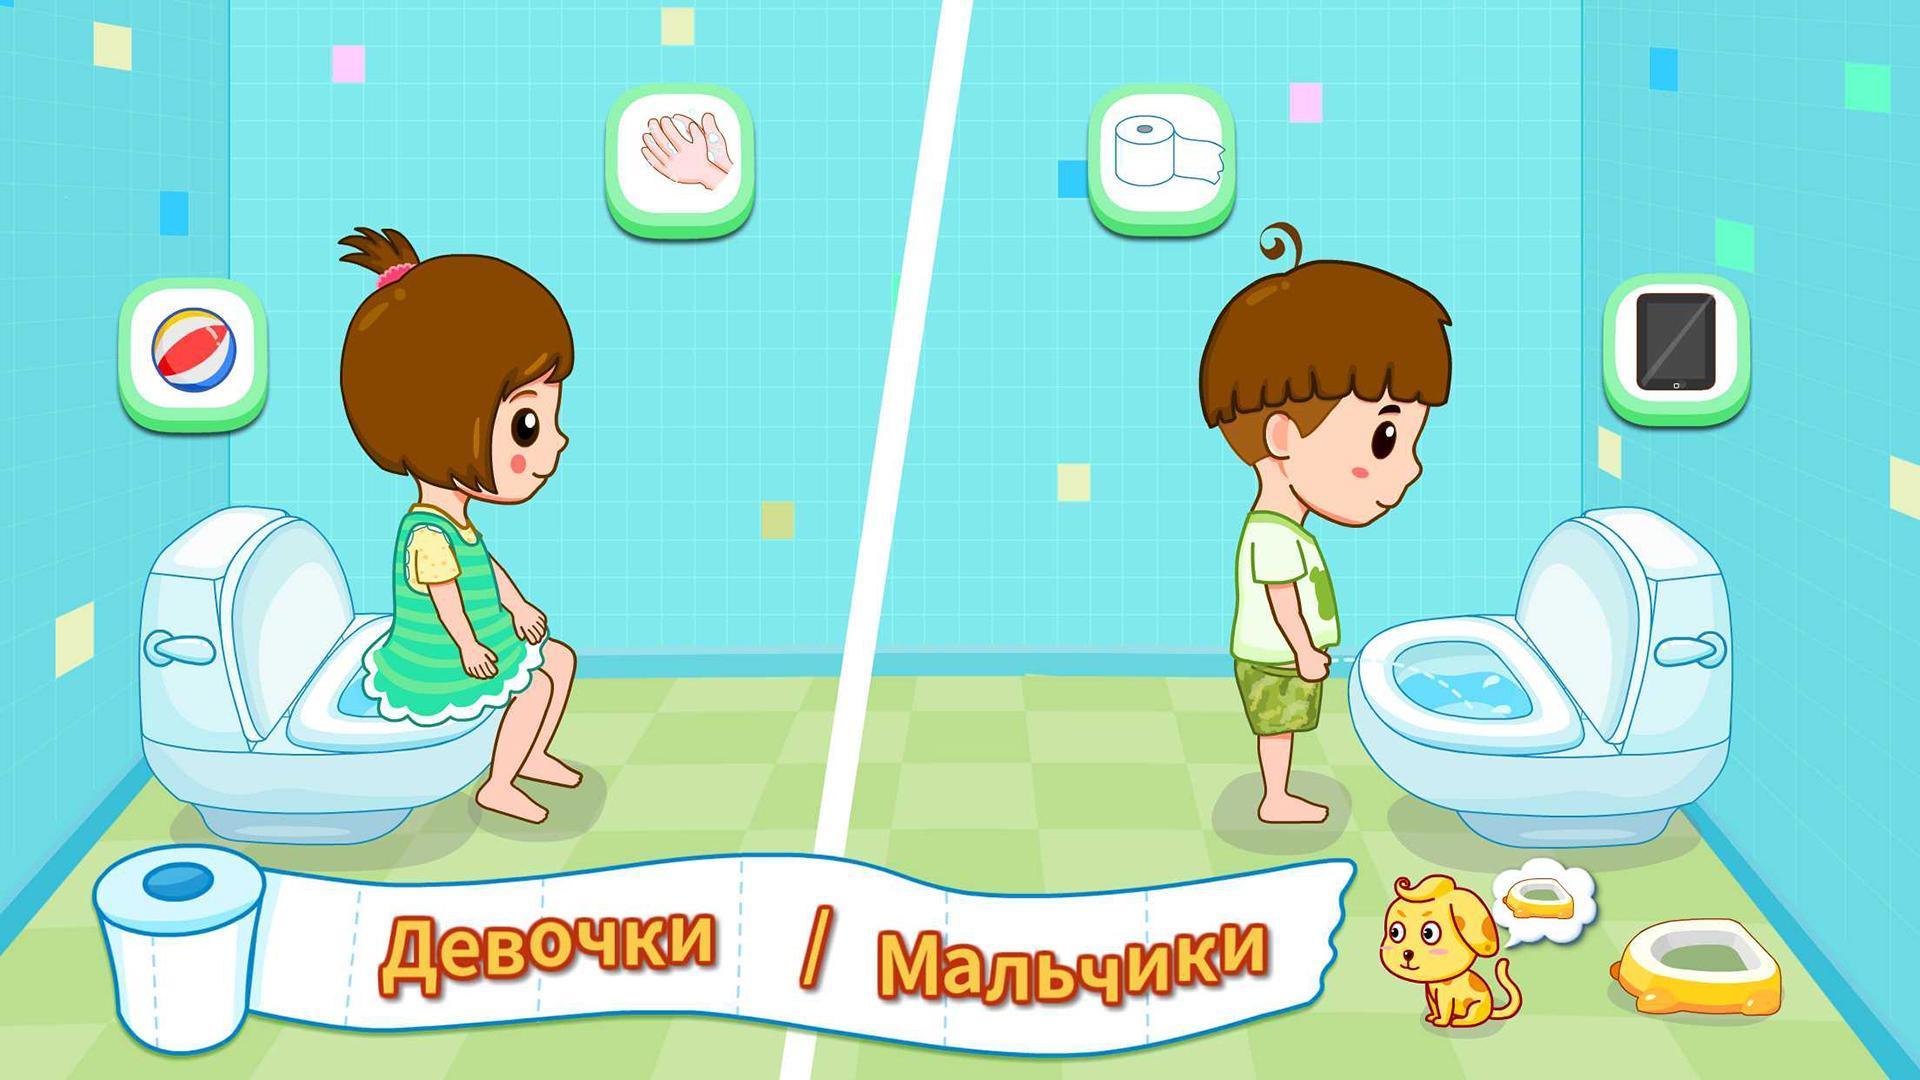 Картинки для туалета в детском саду